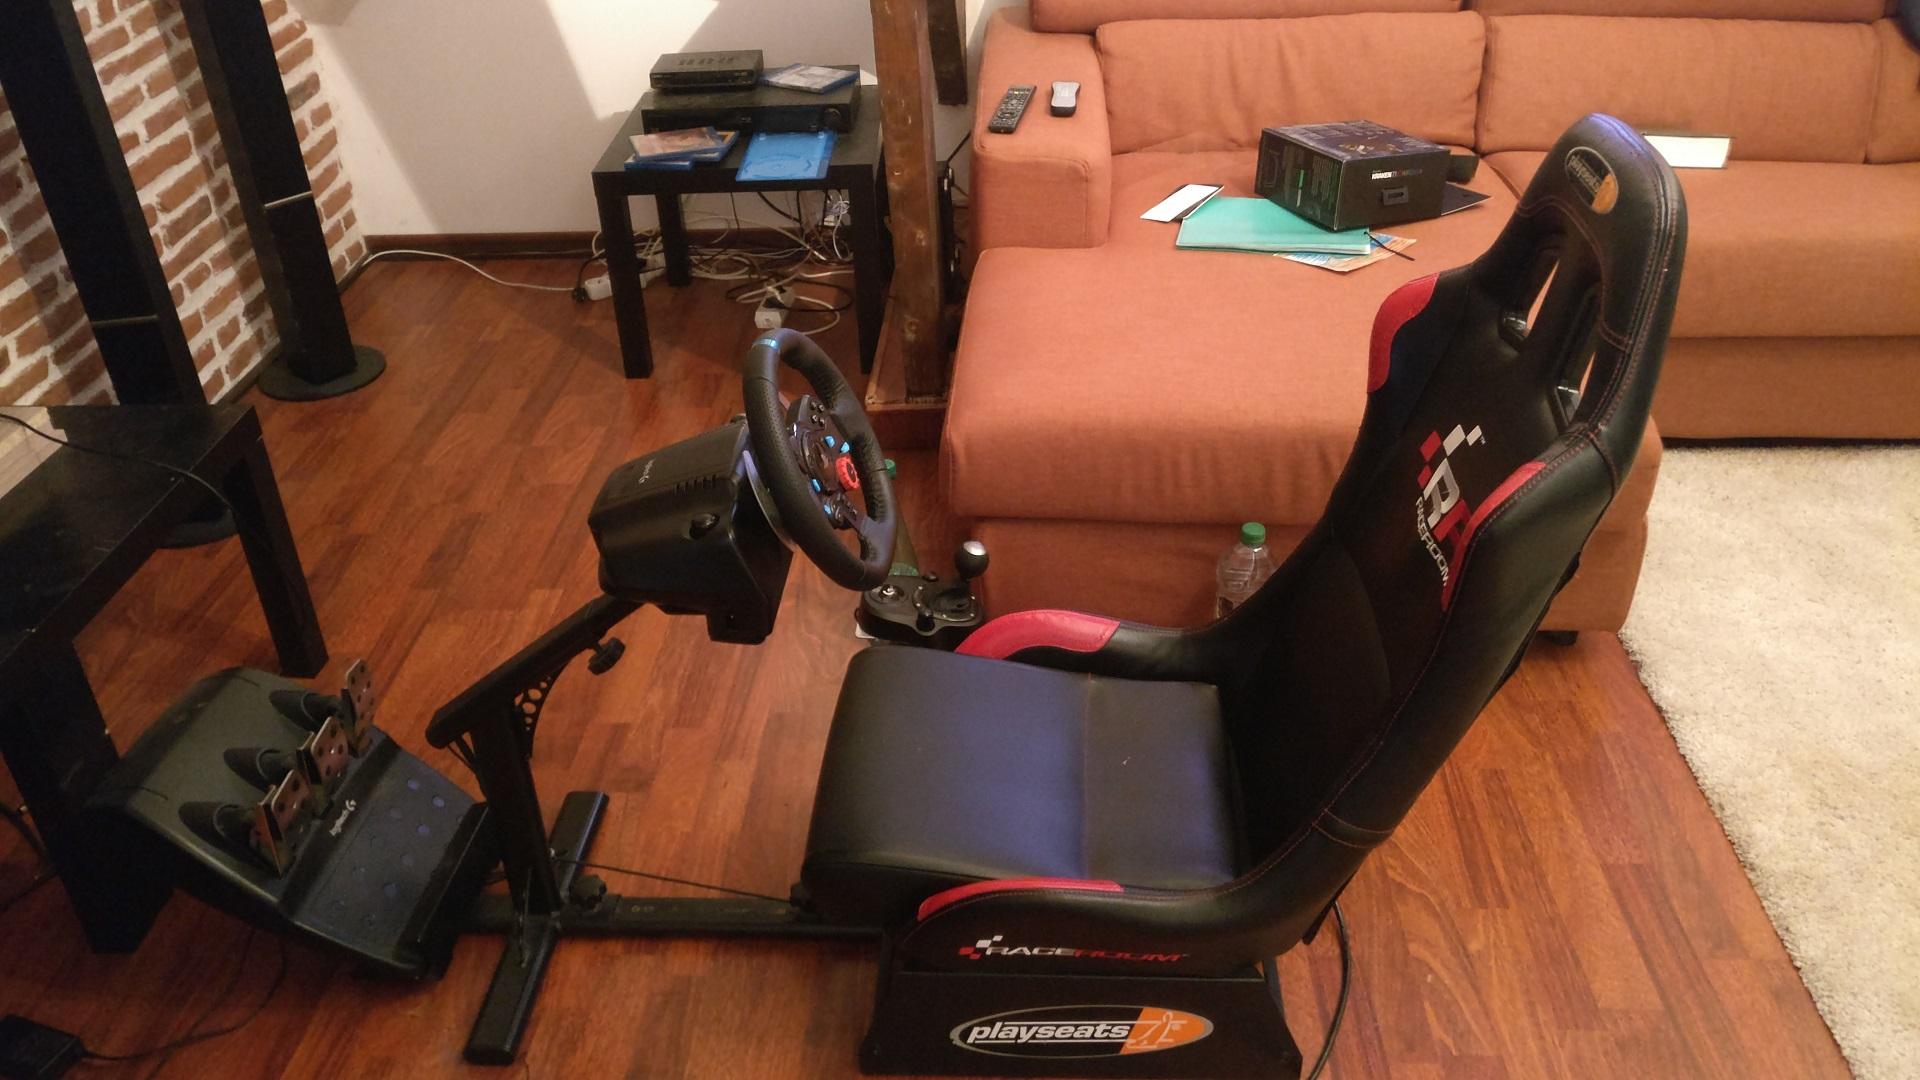 80e40e67a83 Sell - Playseats + Logitech G29 + Logitech Driving Force Shifter ...